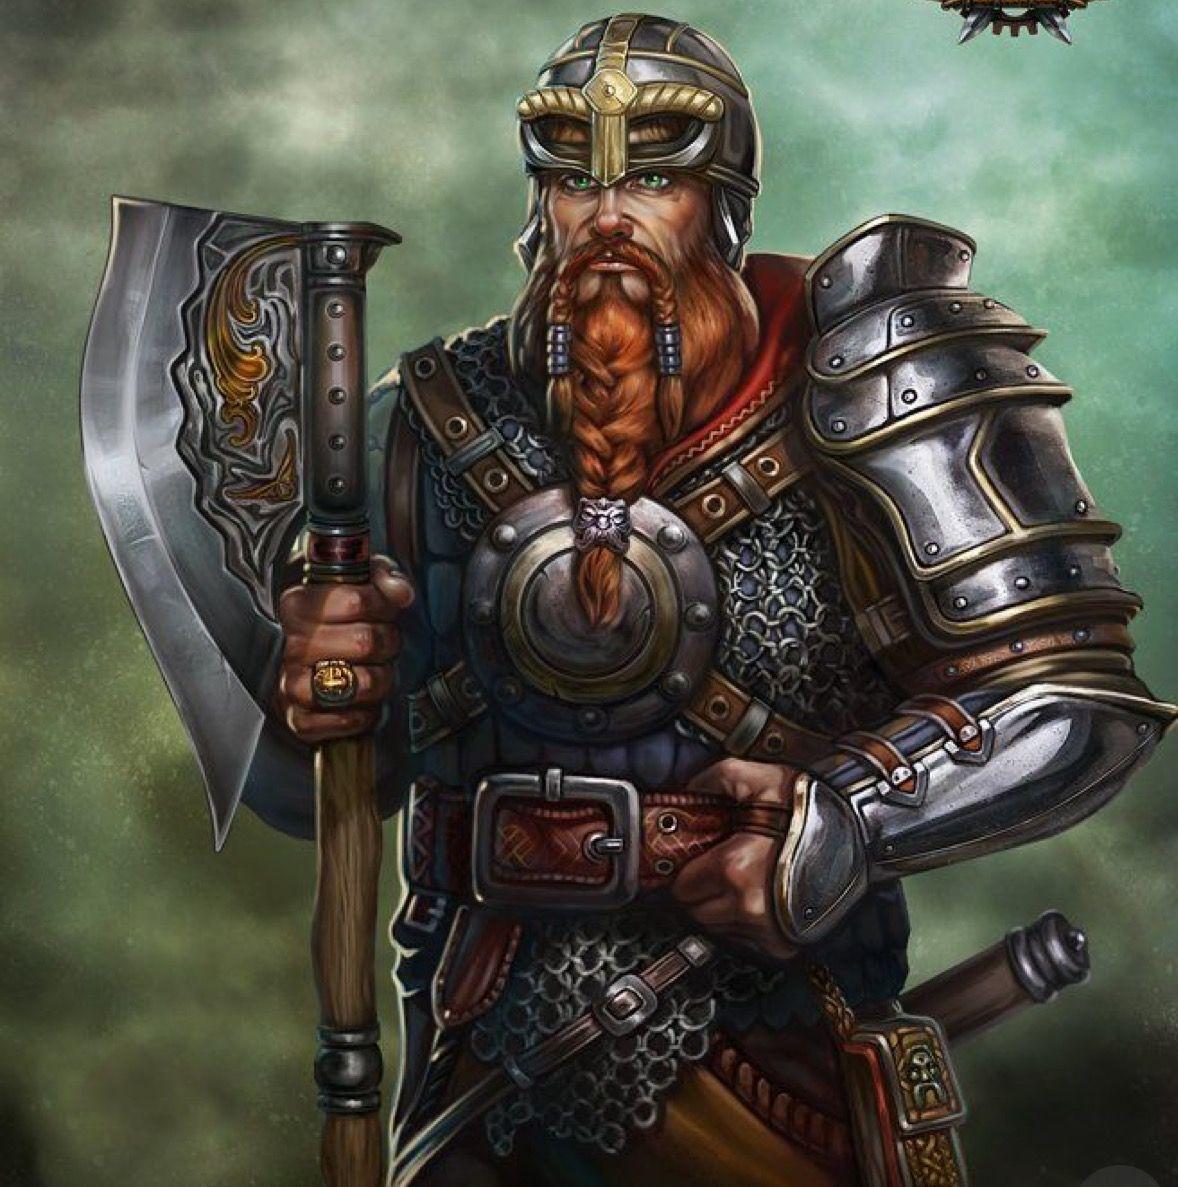 Dwarves | Fantasy dwarf, Dwarf, Warrior